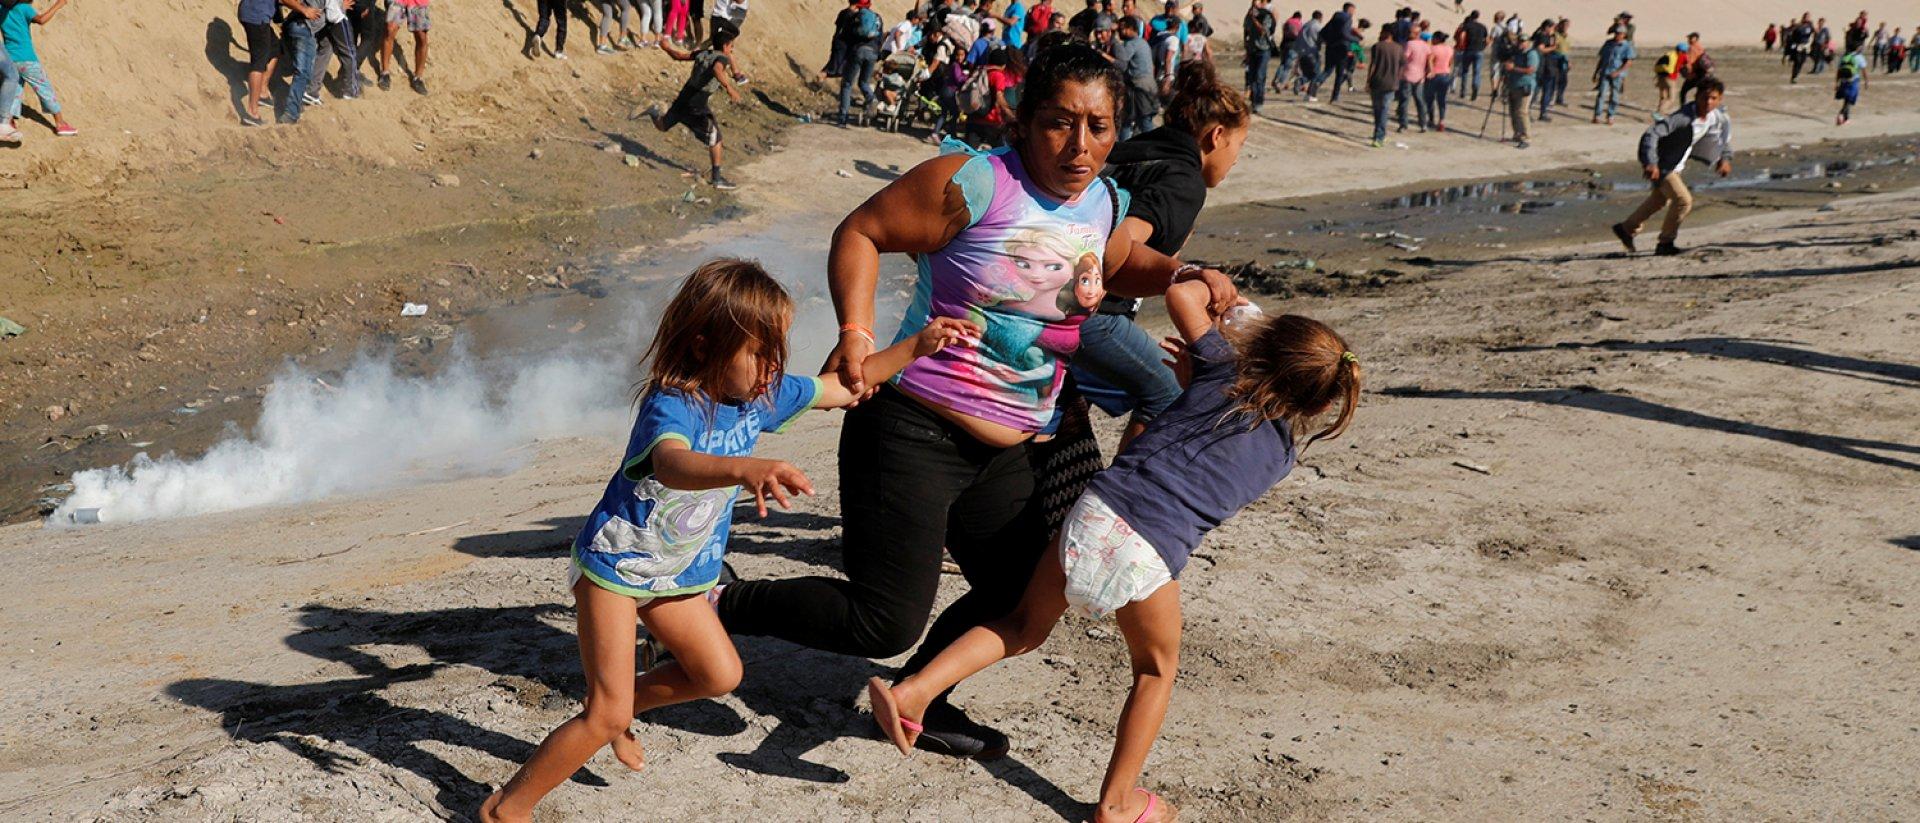 Muere o desaparece un niño migrante cada día, denuncia UNICEF